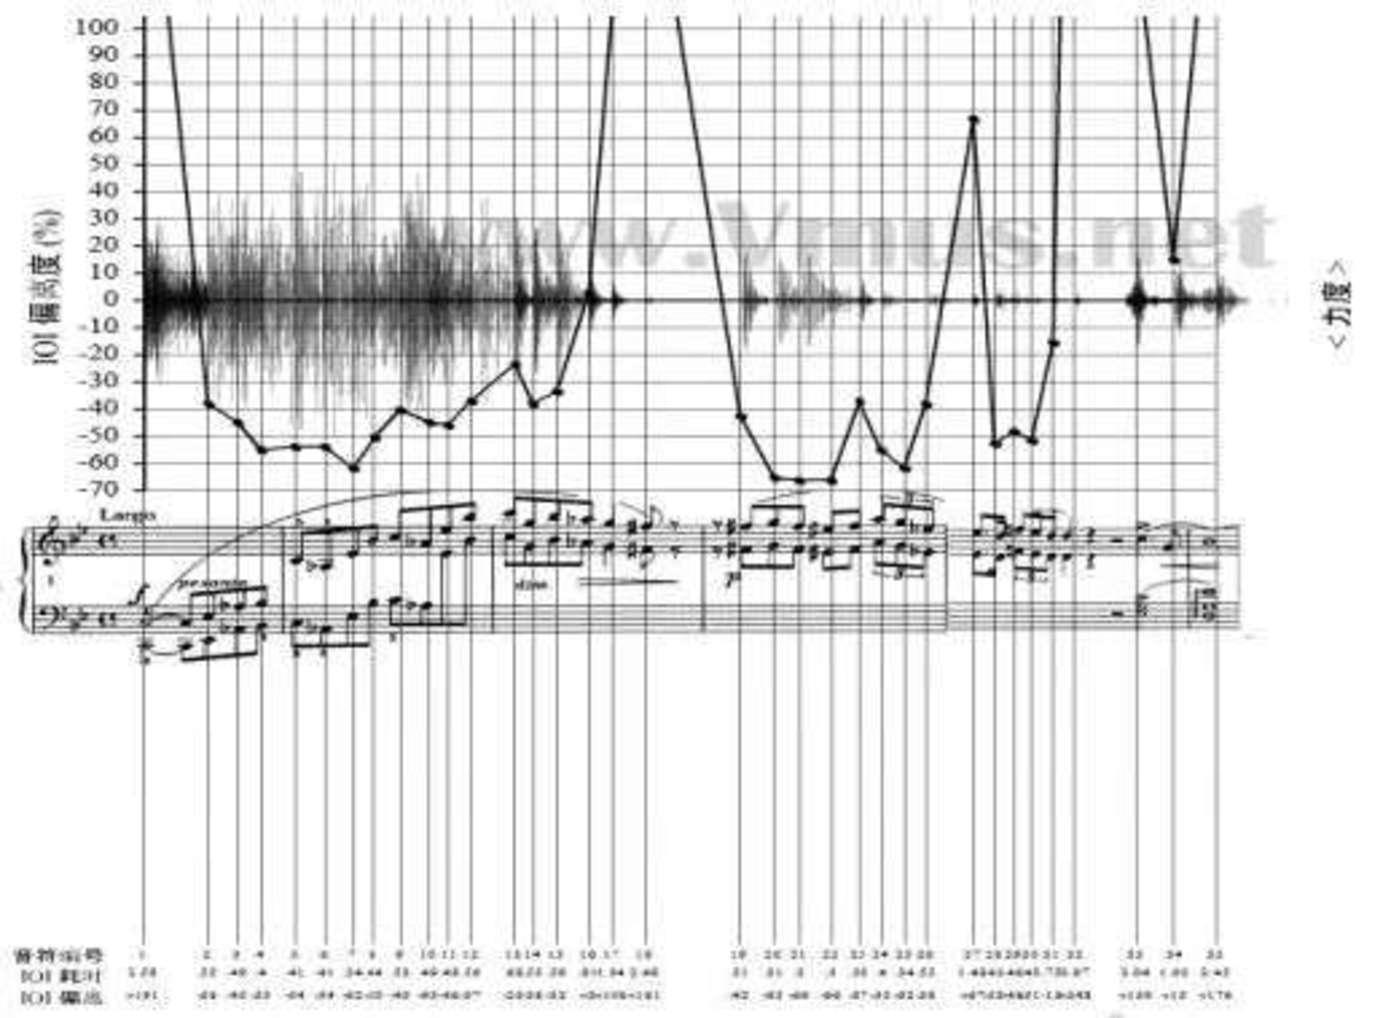 霍洛维茨版本的可视化图像  图源:钢琴演奏的可视化研究——以肖邦《g 小调第一叙事曲》为例》